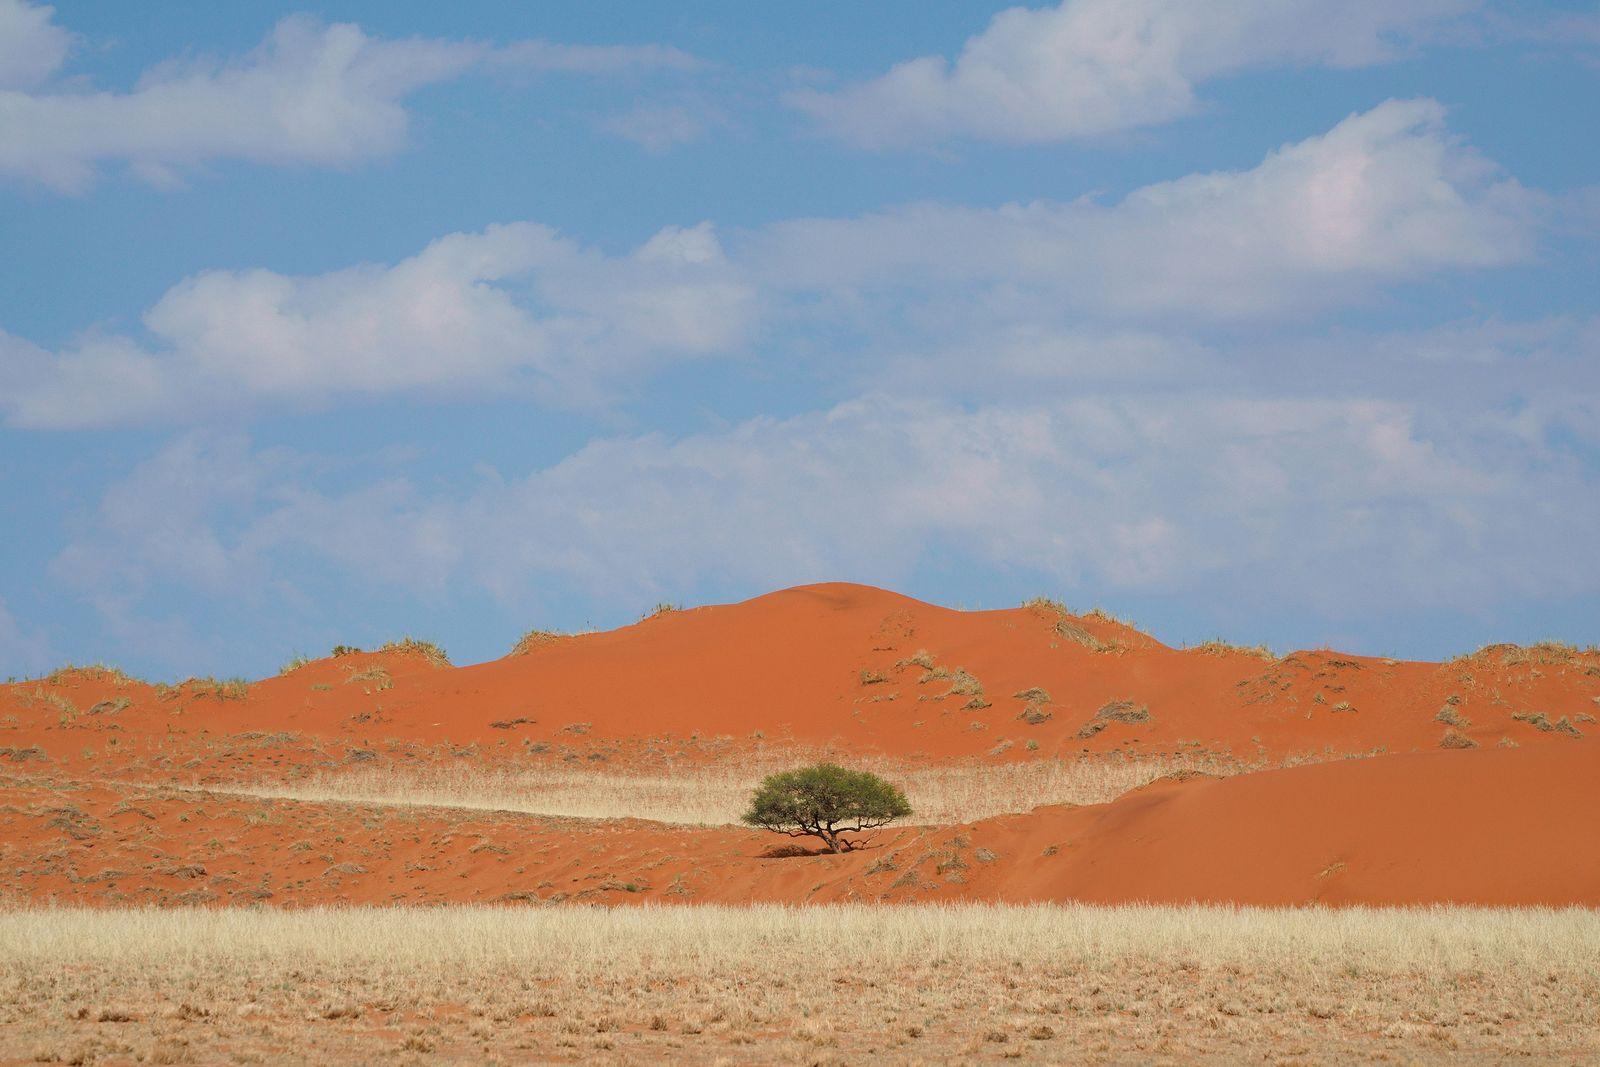 Acacia Tree Amid Dunes